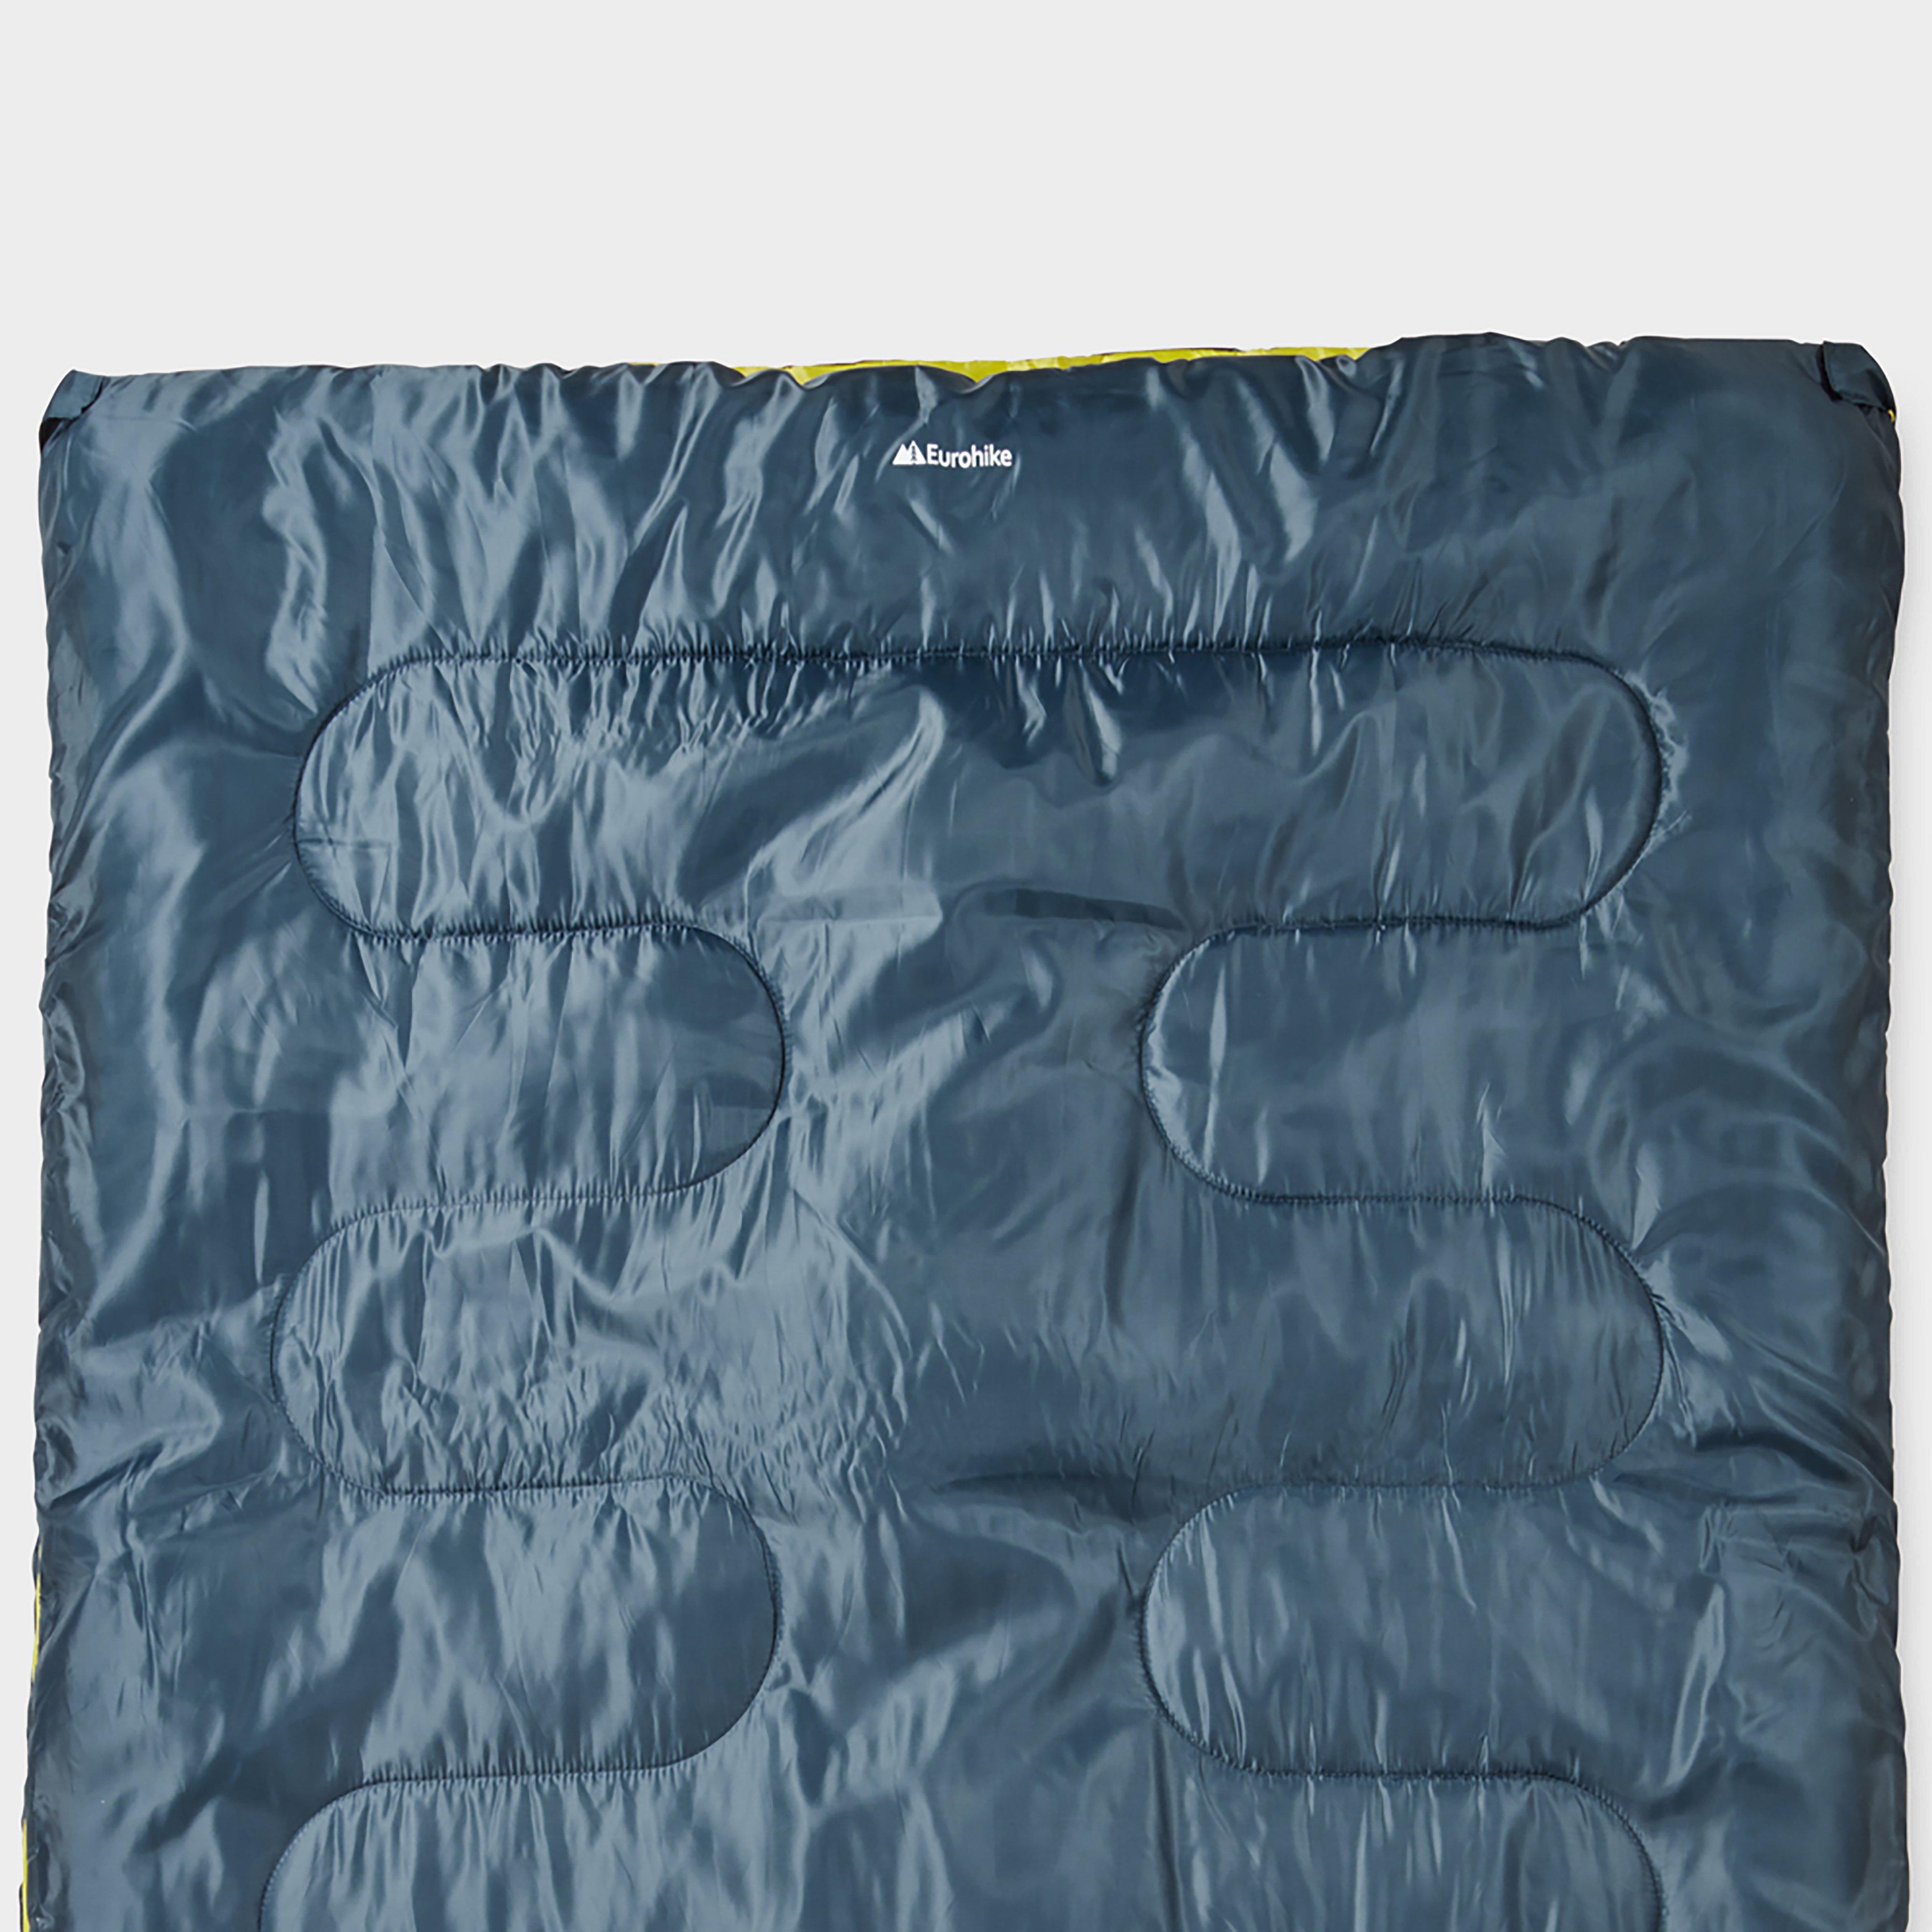 Eurohike Super Snooze Double Sleeping Bag - Blue/blue  Blue/blue